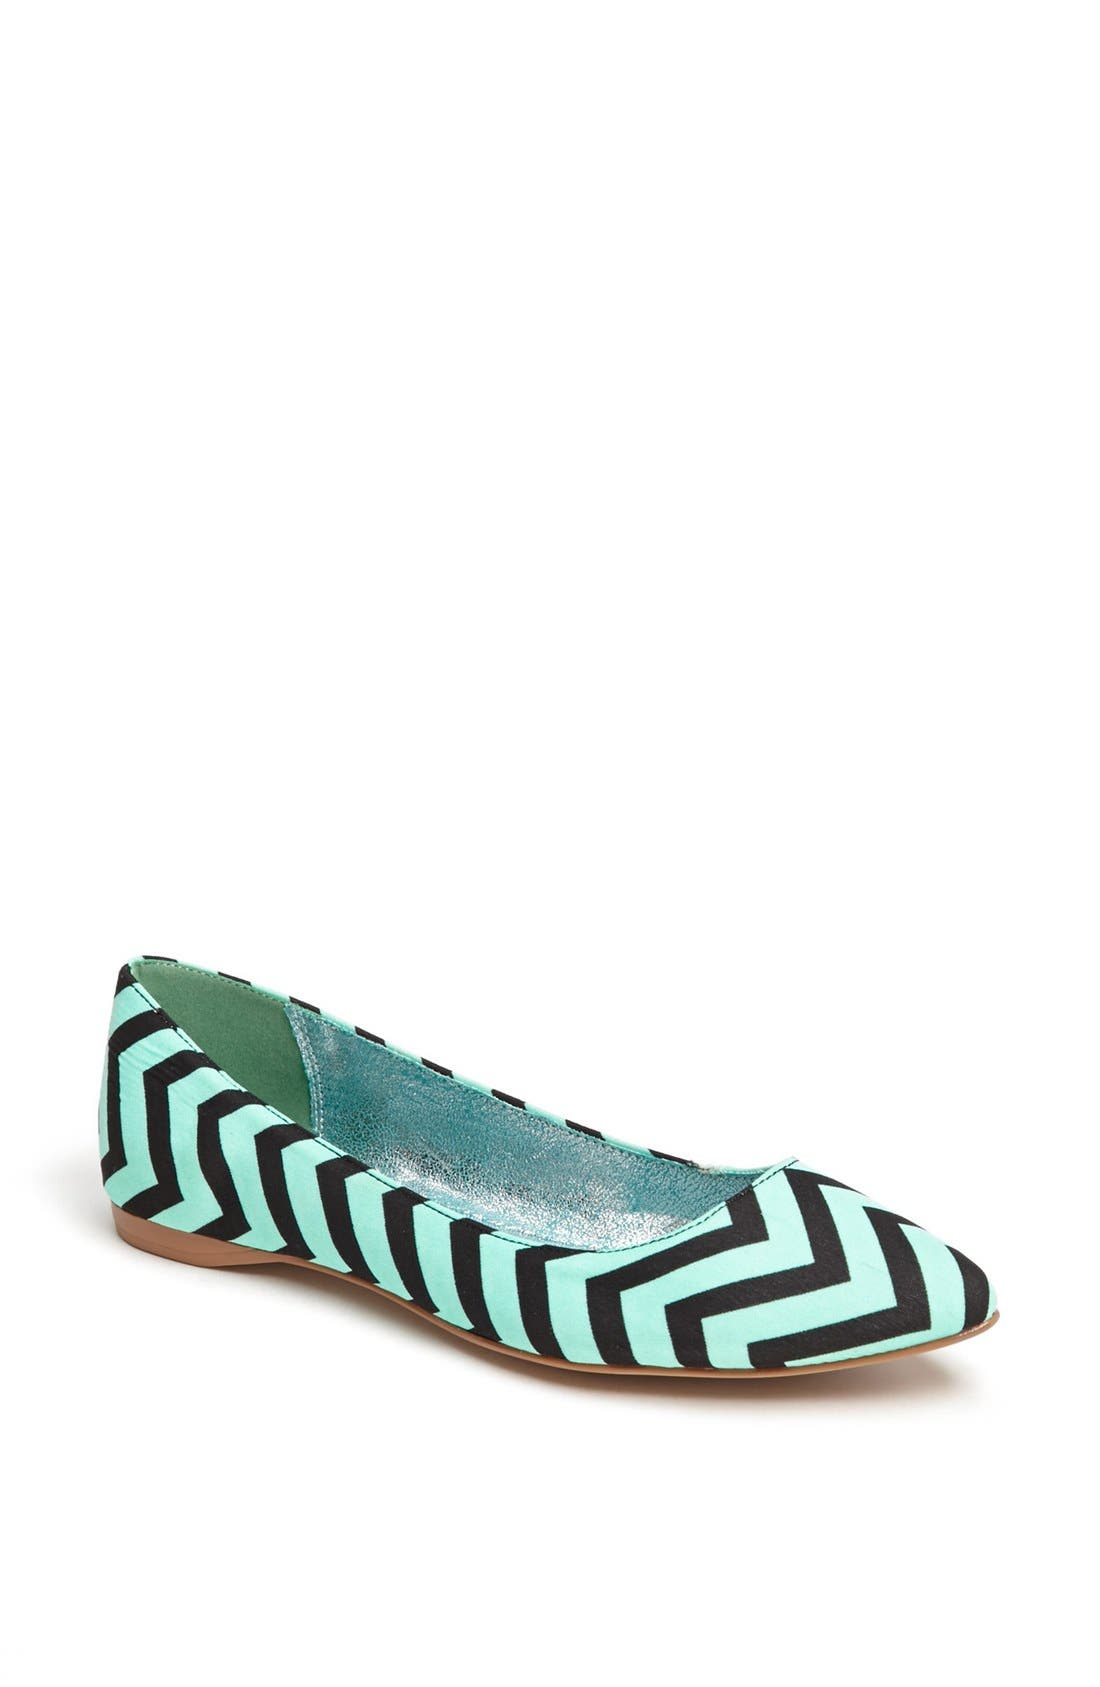 Alternate Image 1 Selected - Matisse 'Kiley' Flat